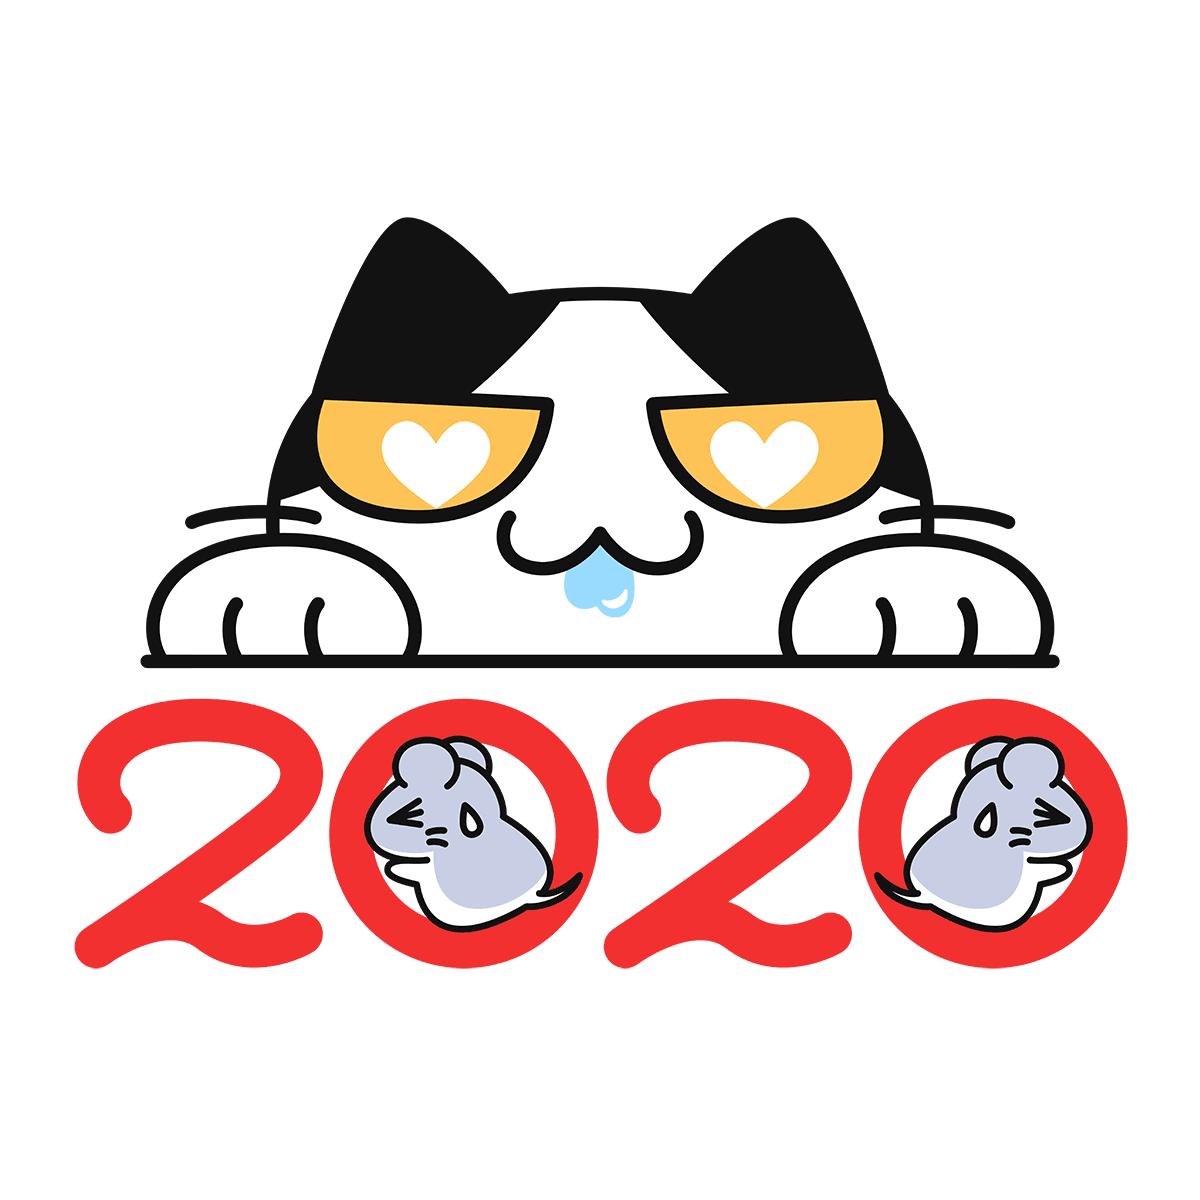 2020年の年賀状(猫に狙われるネズミ)の無料イラスト